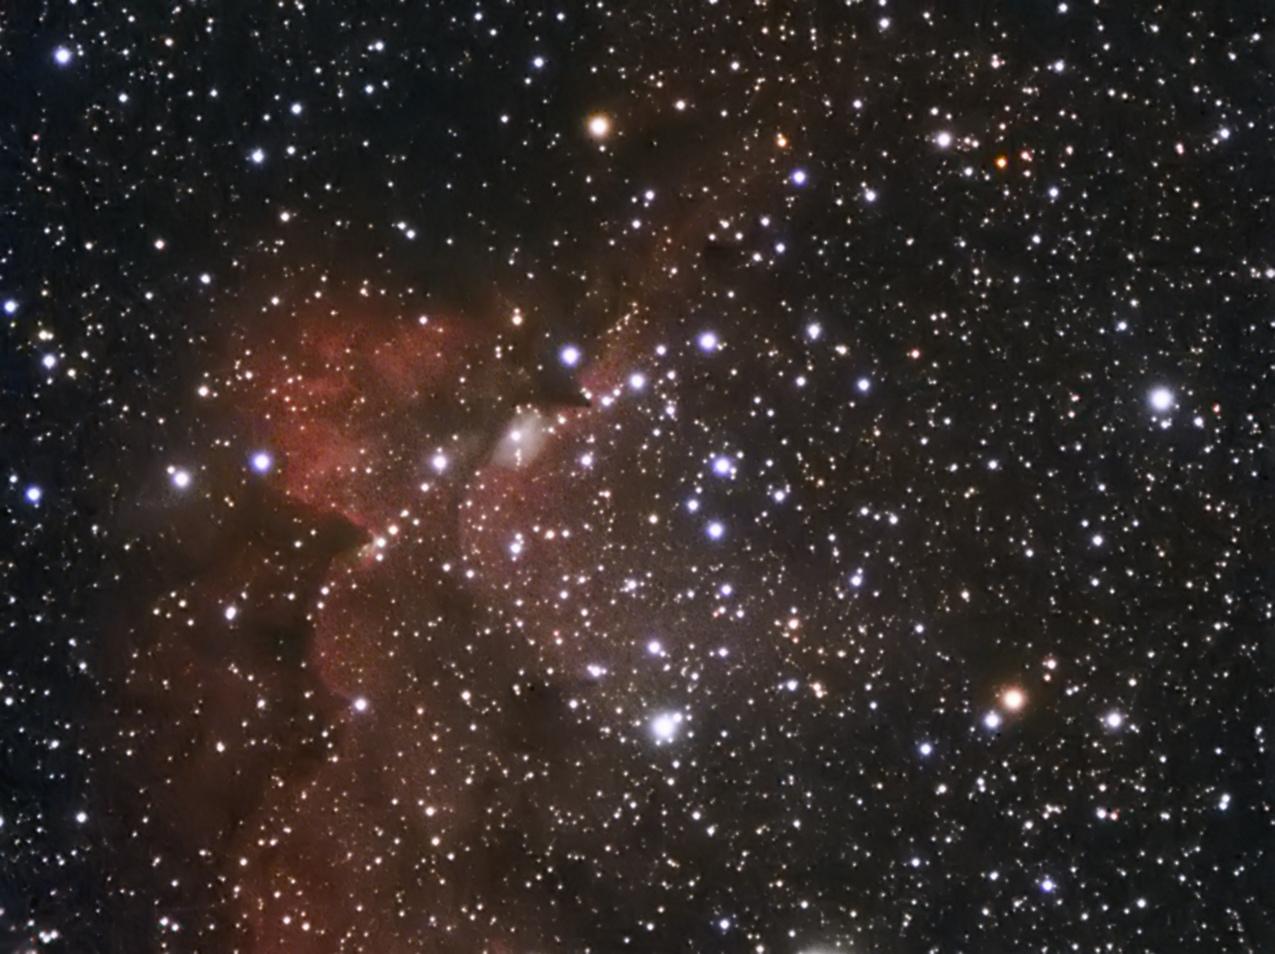 NGC7380_09072019_r1.6.jpg.be91539766c789a2161f91fc21e4cc03.jpg